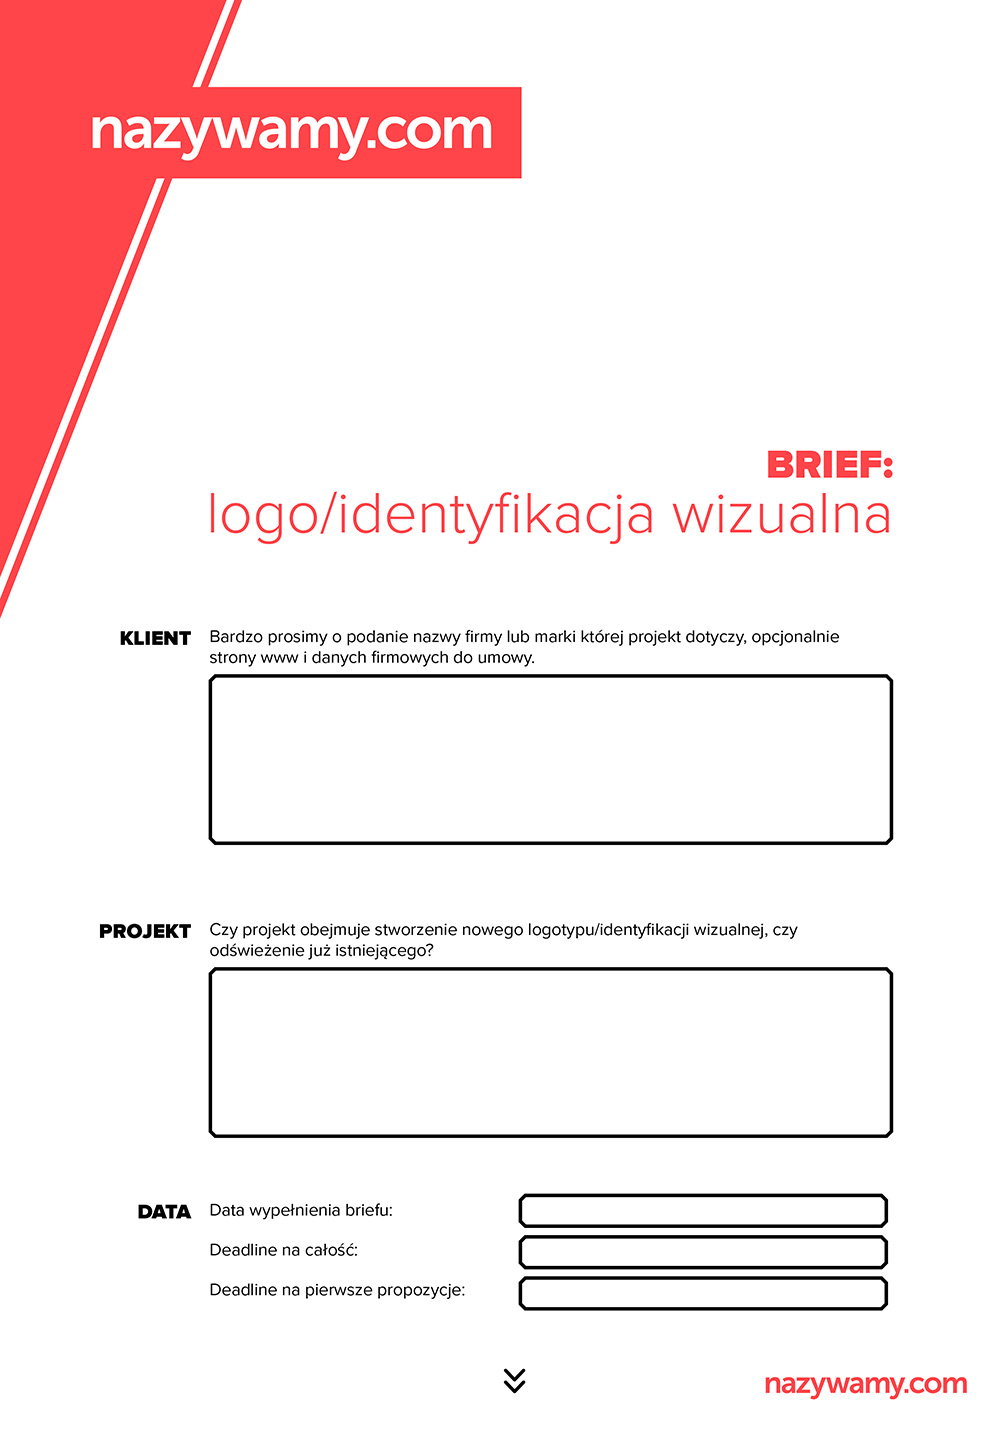 brief_logo_2